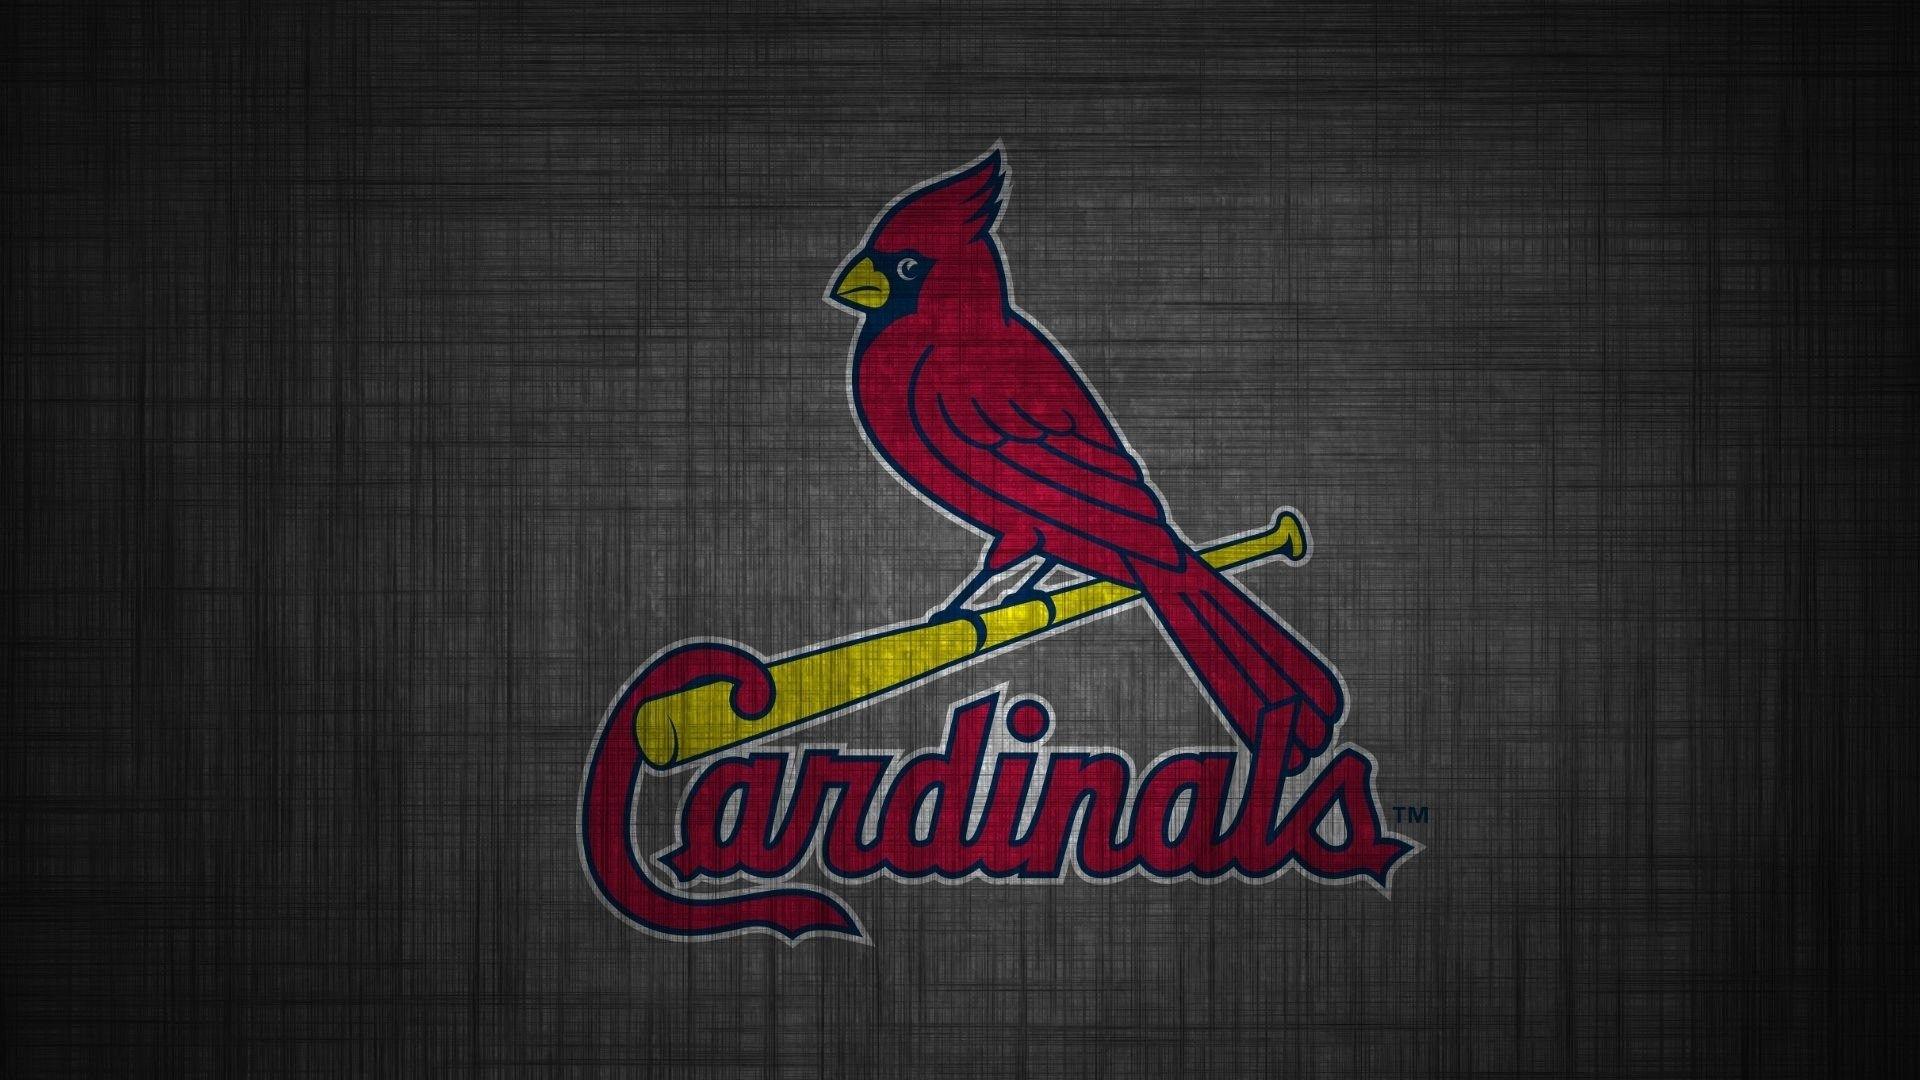 art images st louis cardinals logo backgrounds | sharovarka